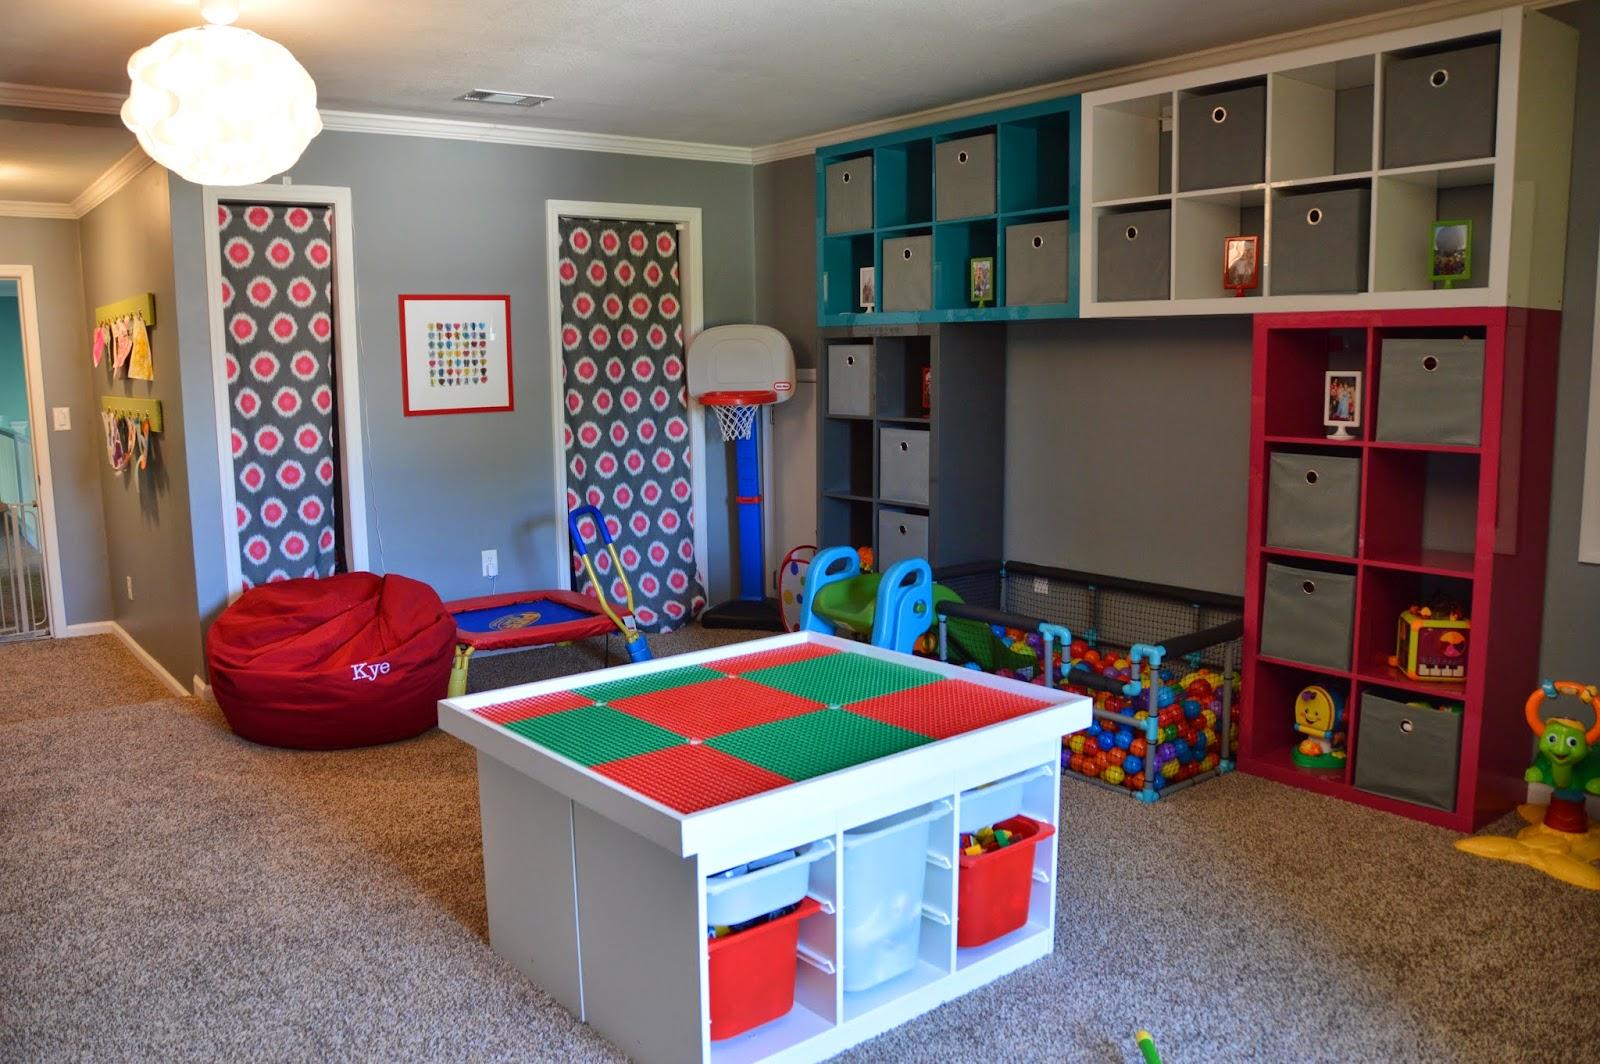 Sala De Juegos Infantiles Con Ikea Stuva Y Kallax - Sala-juegos-nios